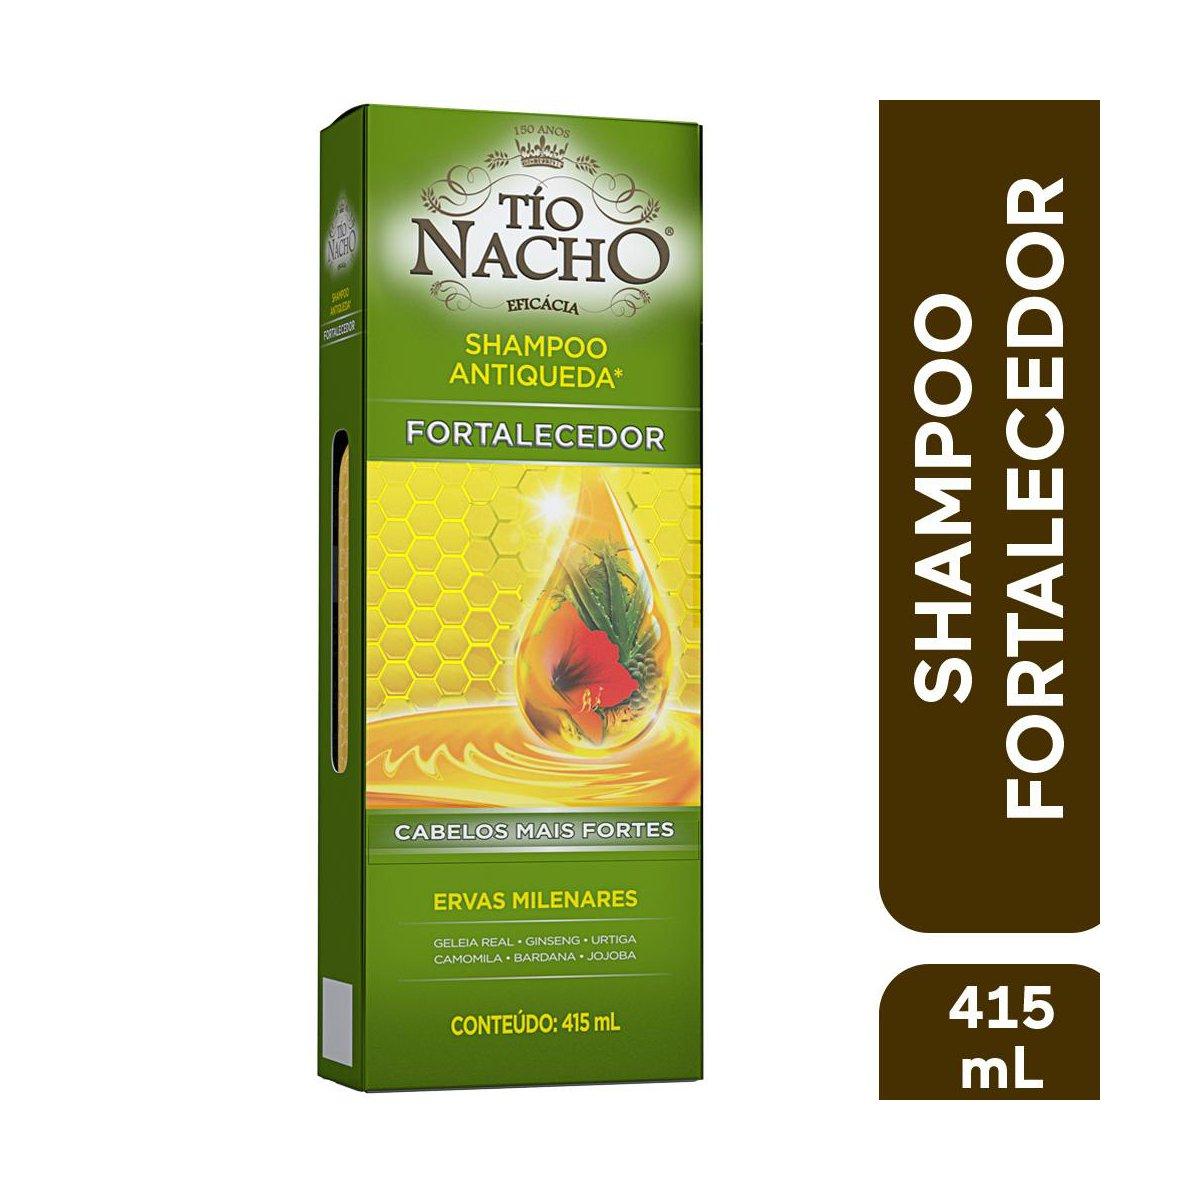 Tio Nacho Shampoo Antiqueda Ervas Milenares 415mL